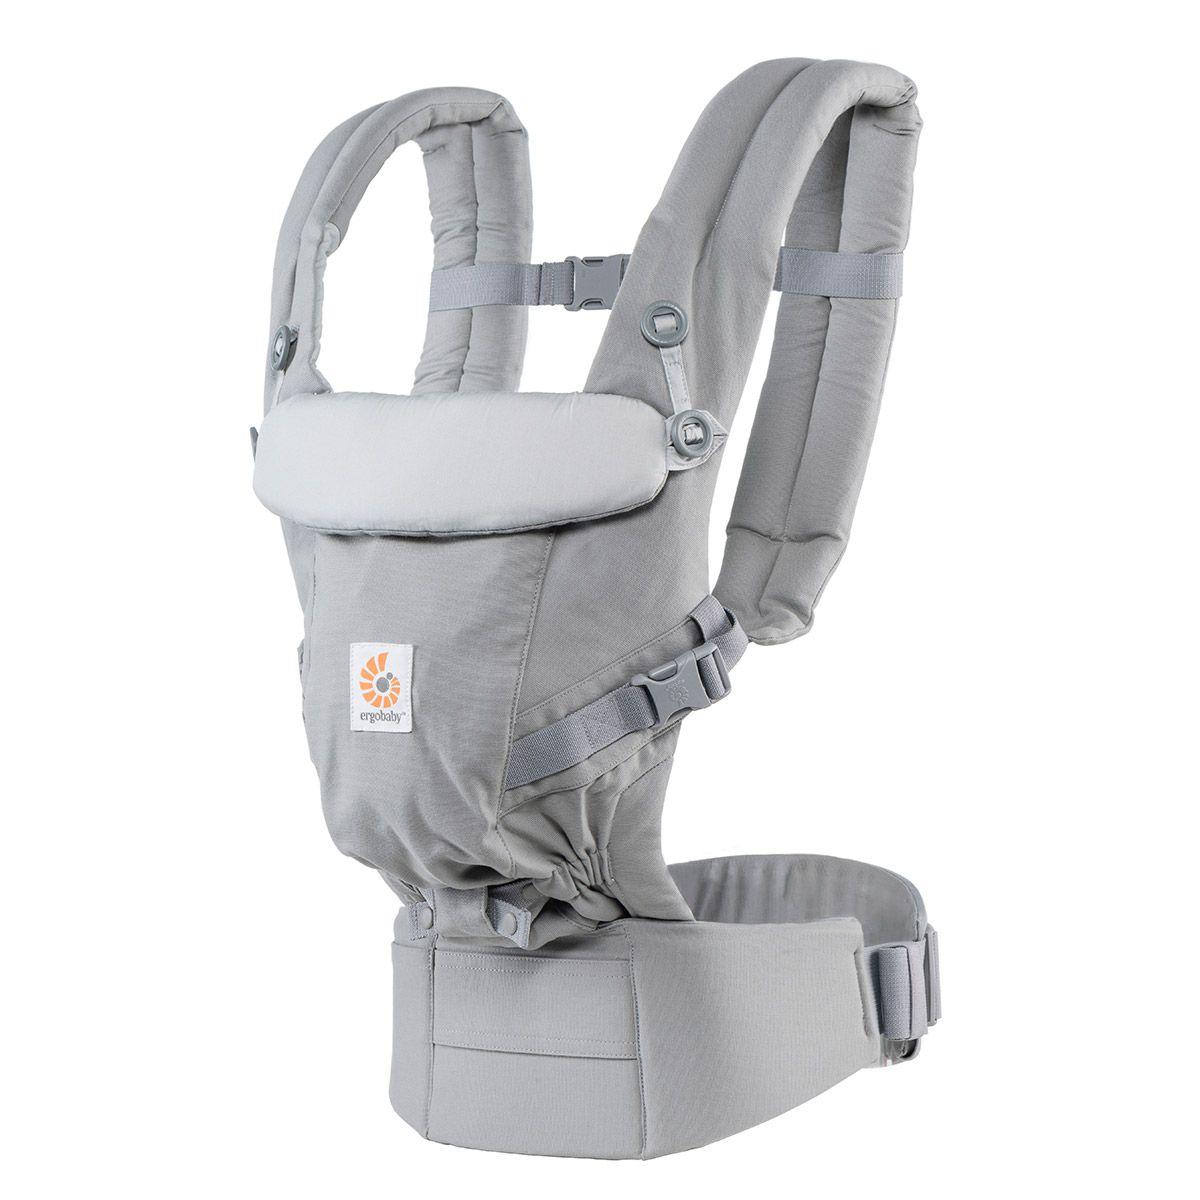 【淘氣寶寶】【總代理公司貨】美國 ergobaby ADAPT全階段式嬰兒揹帶/背巾/揹巾 灰色【贈美國製醫療香草奶嘴3顆】